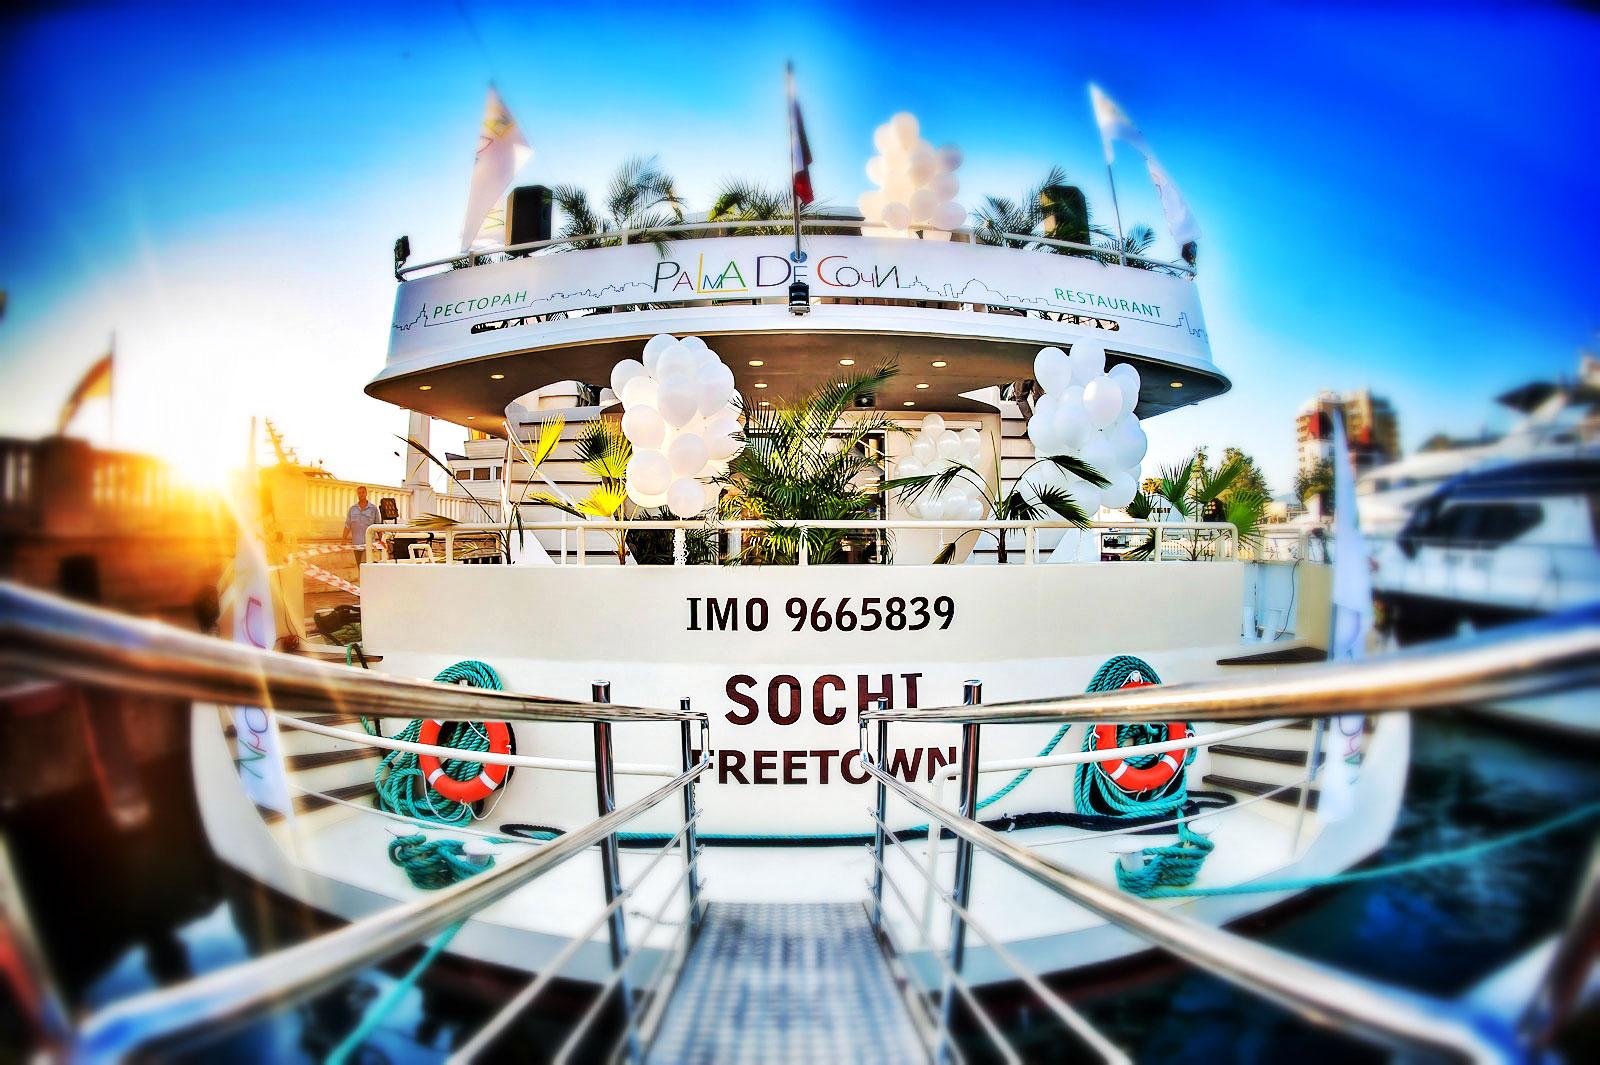 Речная прогулка на яхте-ресторане класса люкс Palma De Сочи с обедом или ужином в День Победы